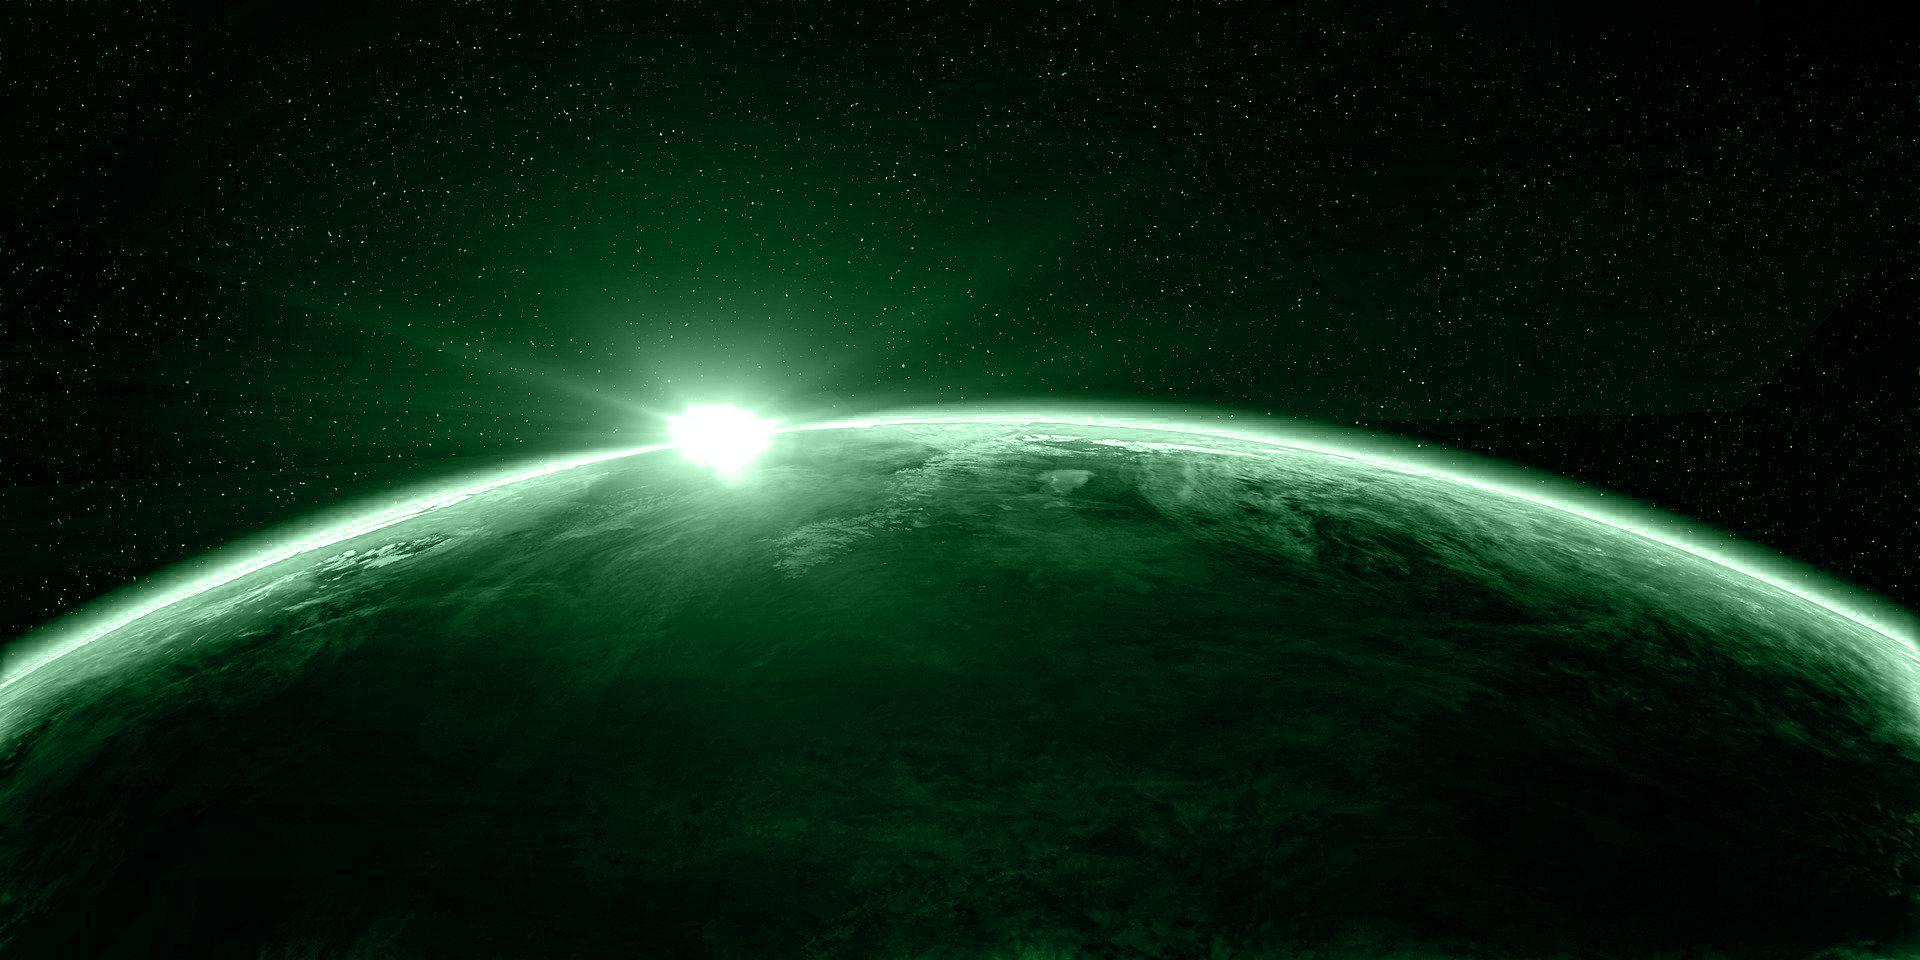 Vista de un amanecer desde el espacio